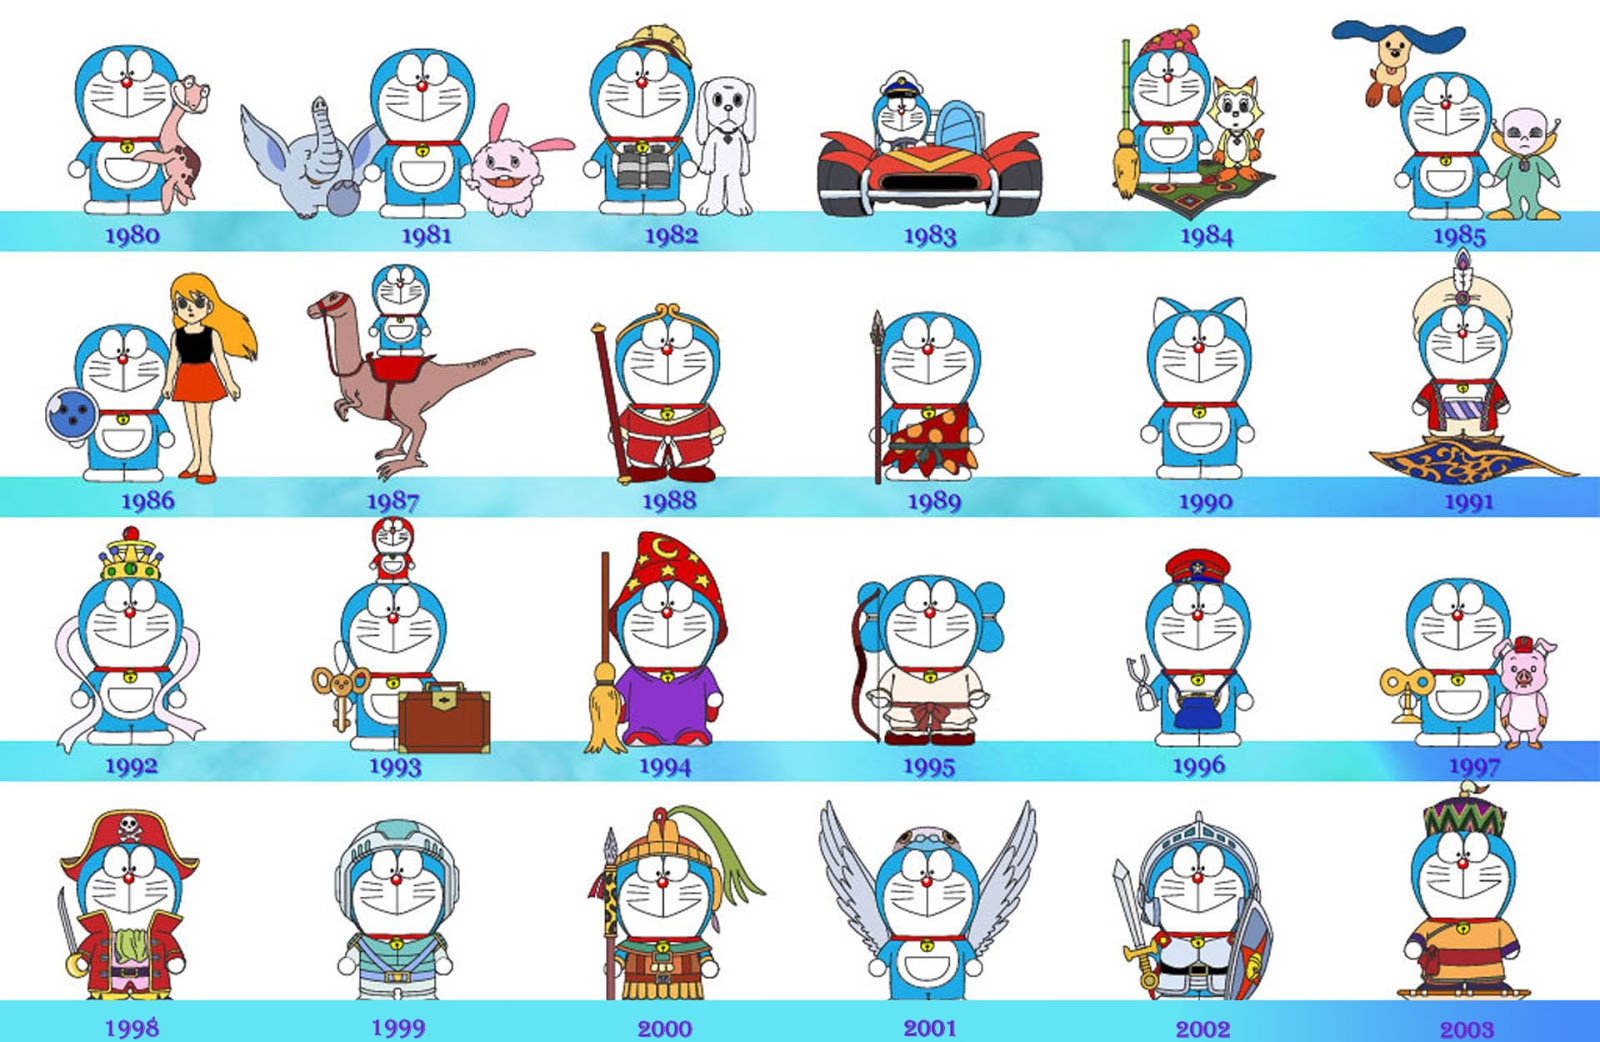 Download 4400 Gambar Doraemon Yg Baru HD Terbaru